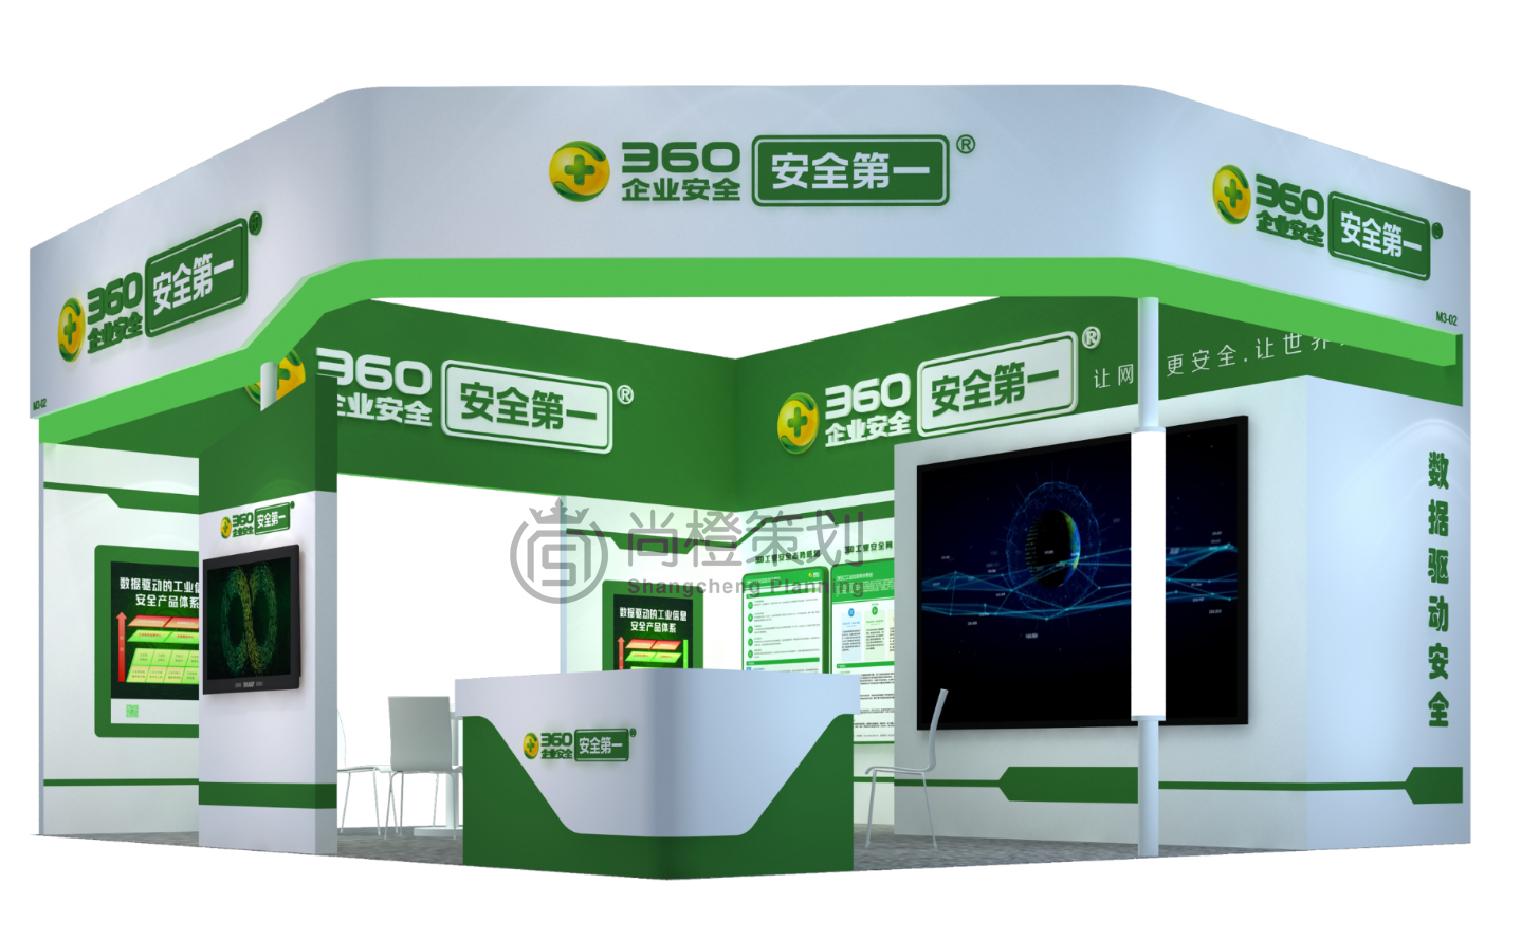 360安全企业展台搭建